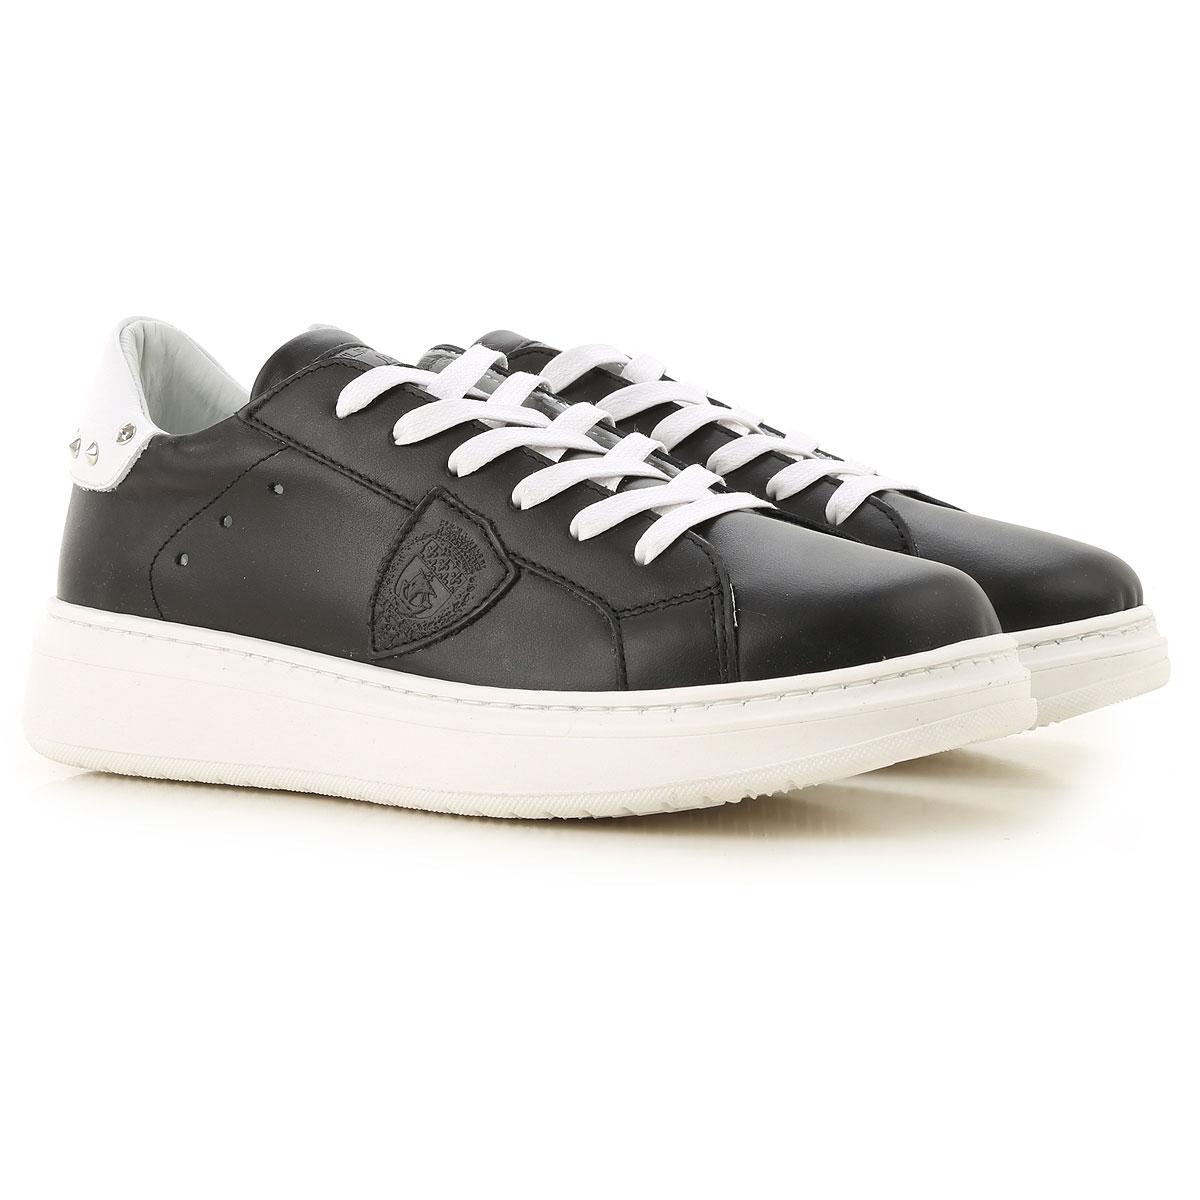 Philippe Model Chaussures Enfant pour Garçon Pas cher en Soldes, Noir, Cuir, 2019, 31 32 33 34 35